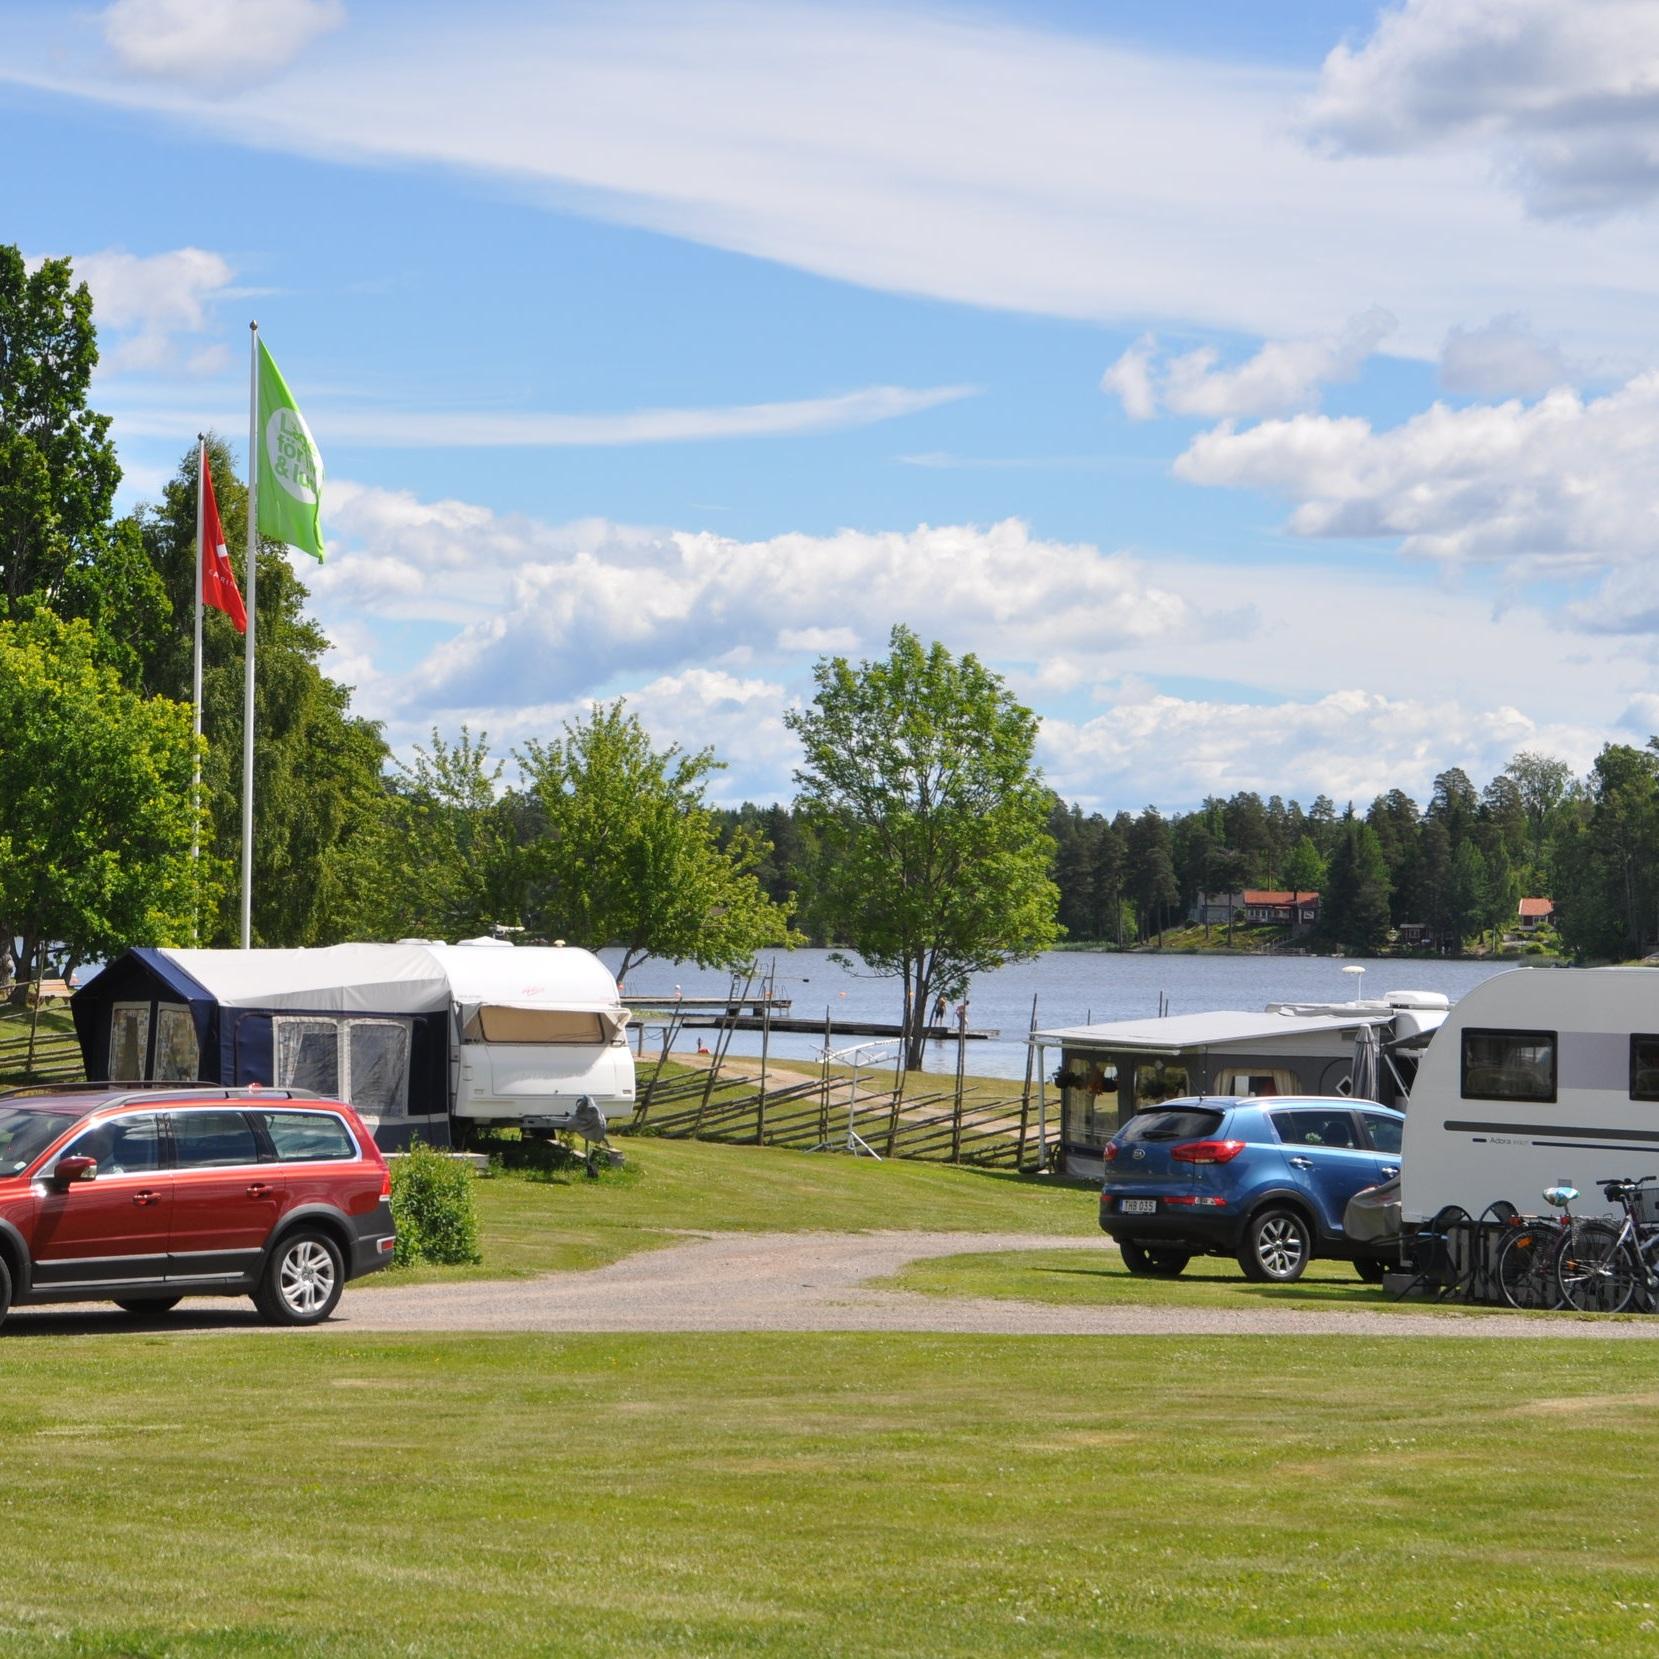 Barnvänligt - DJULÖBADETS CAMPING OCH STUGBYFamiljecamping med närhet till stad och natur. Här kan du hyra kanot/Canadensare, kajak, båt och cykel. Kanske besöker barnen 4H-gården eller så spelar ni alla minigolf.Inskickat av: Visit Katrineholm